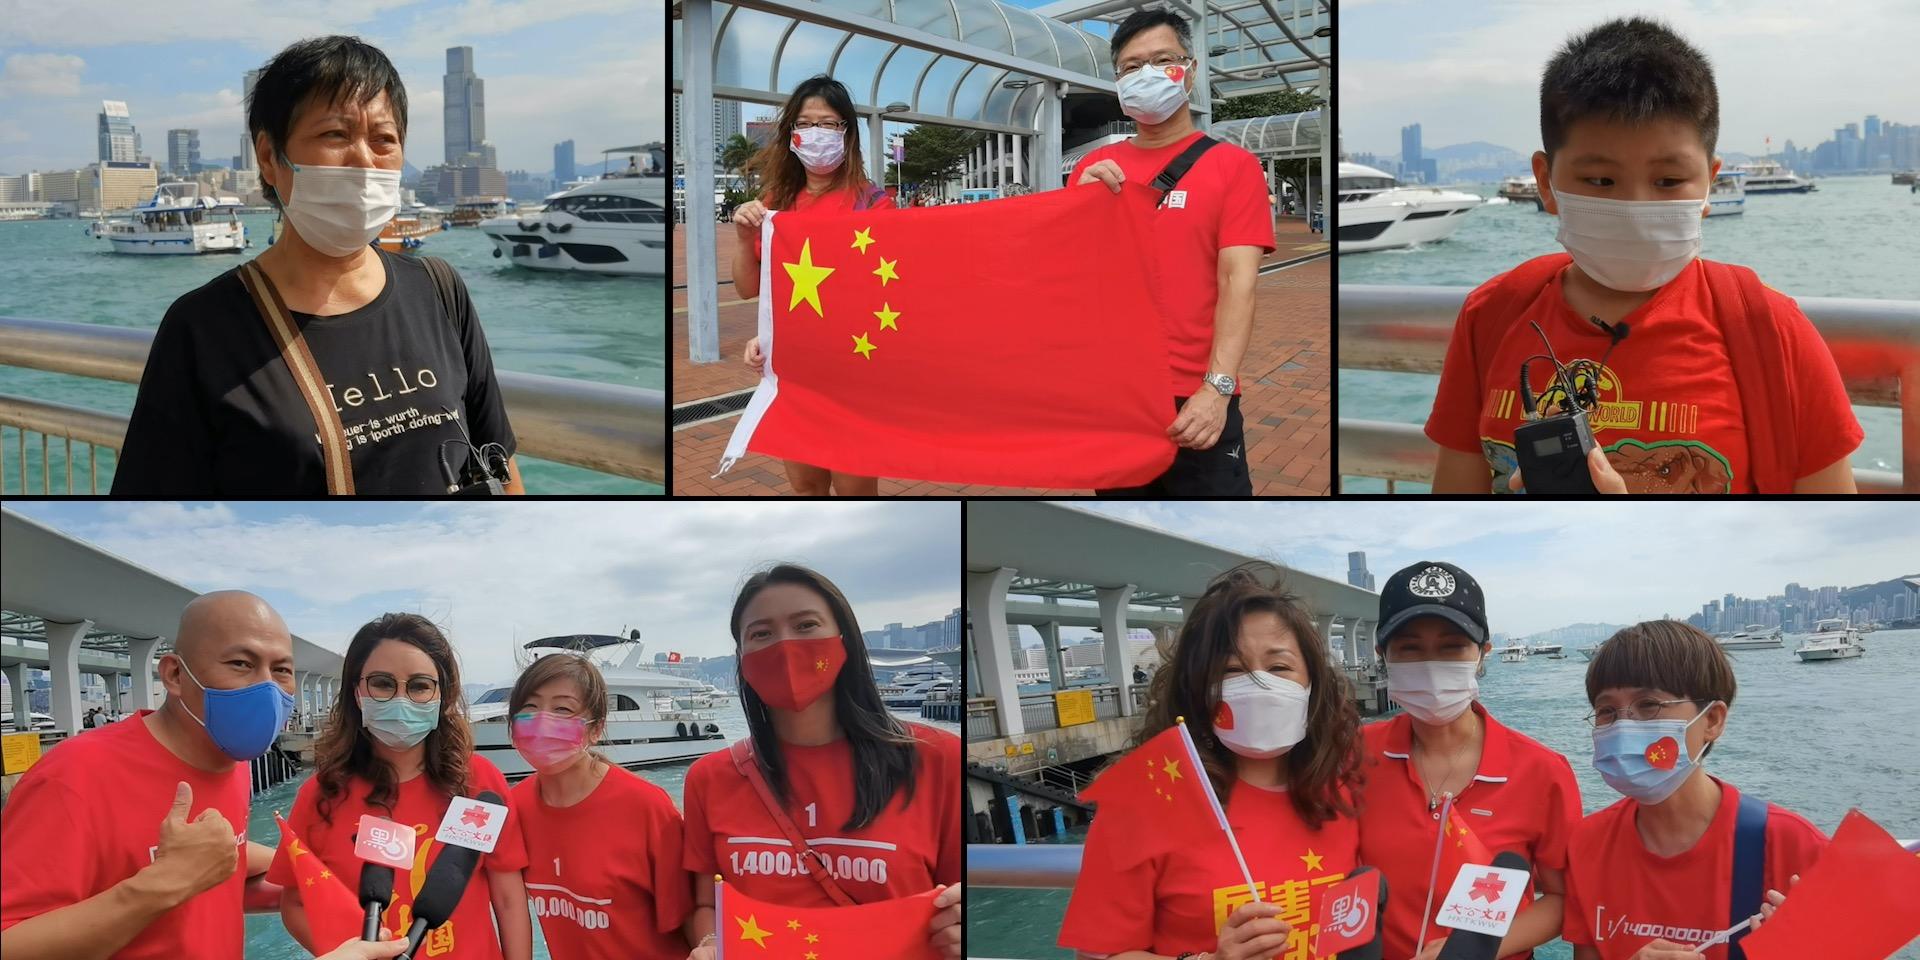 漁船維港巡遊 同市民共慶國慶中秋